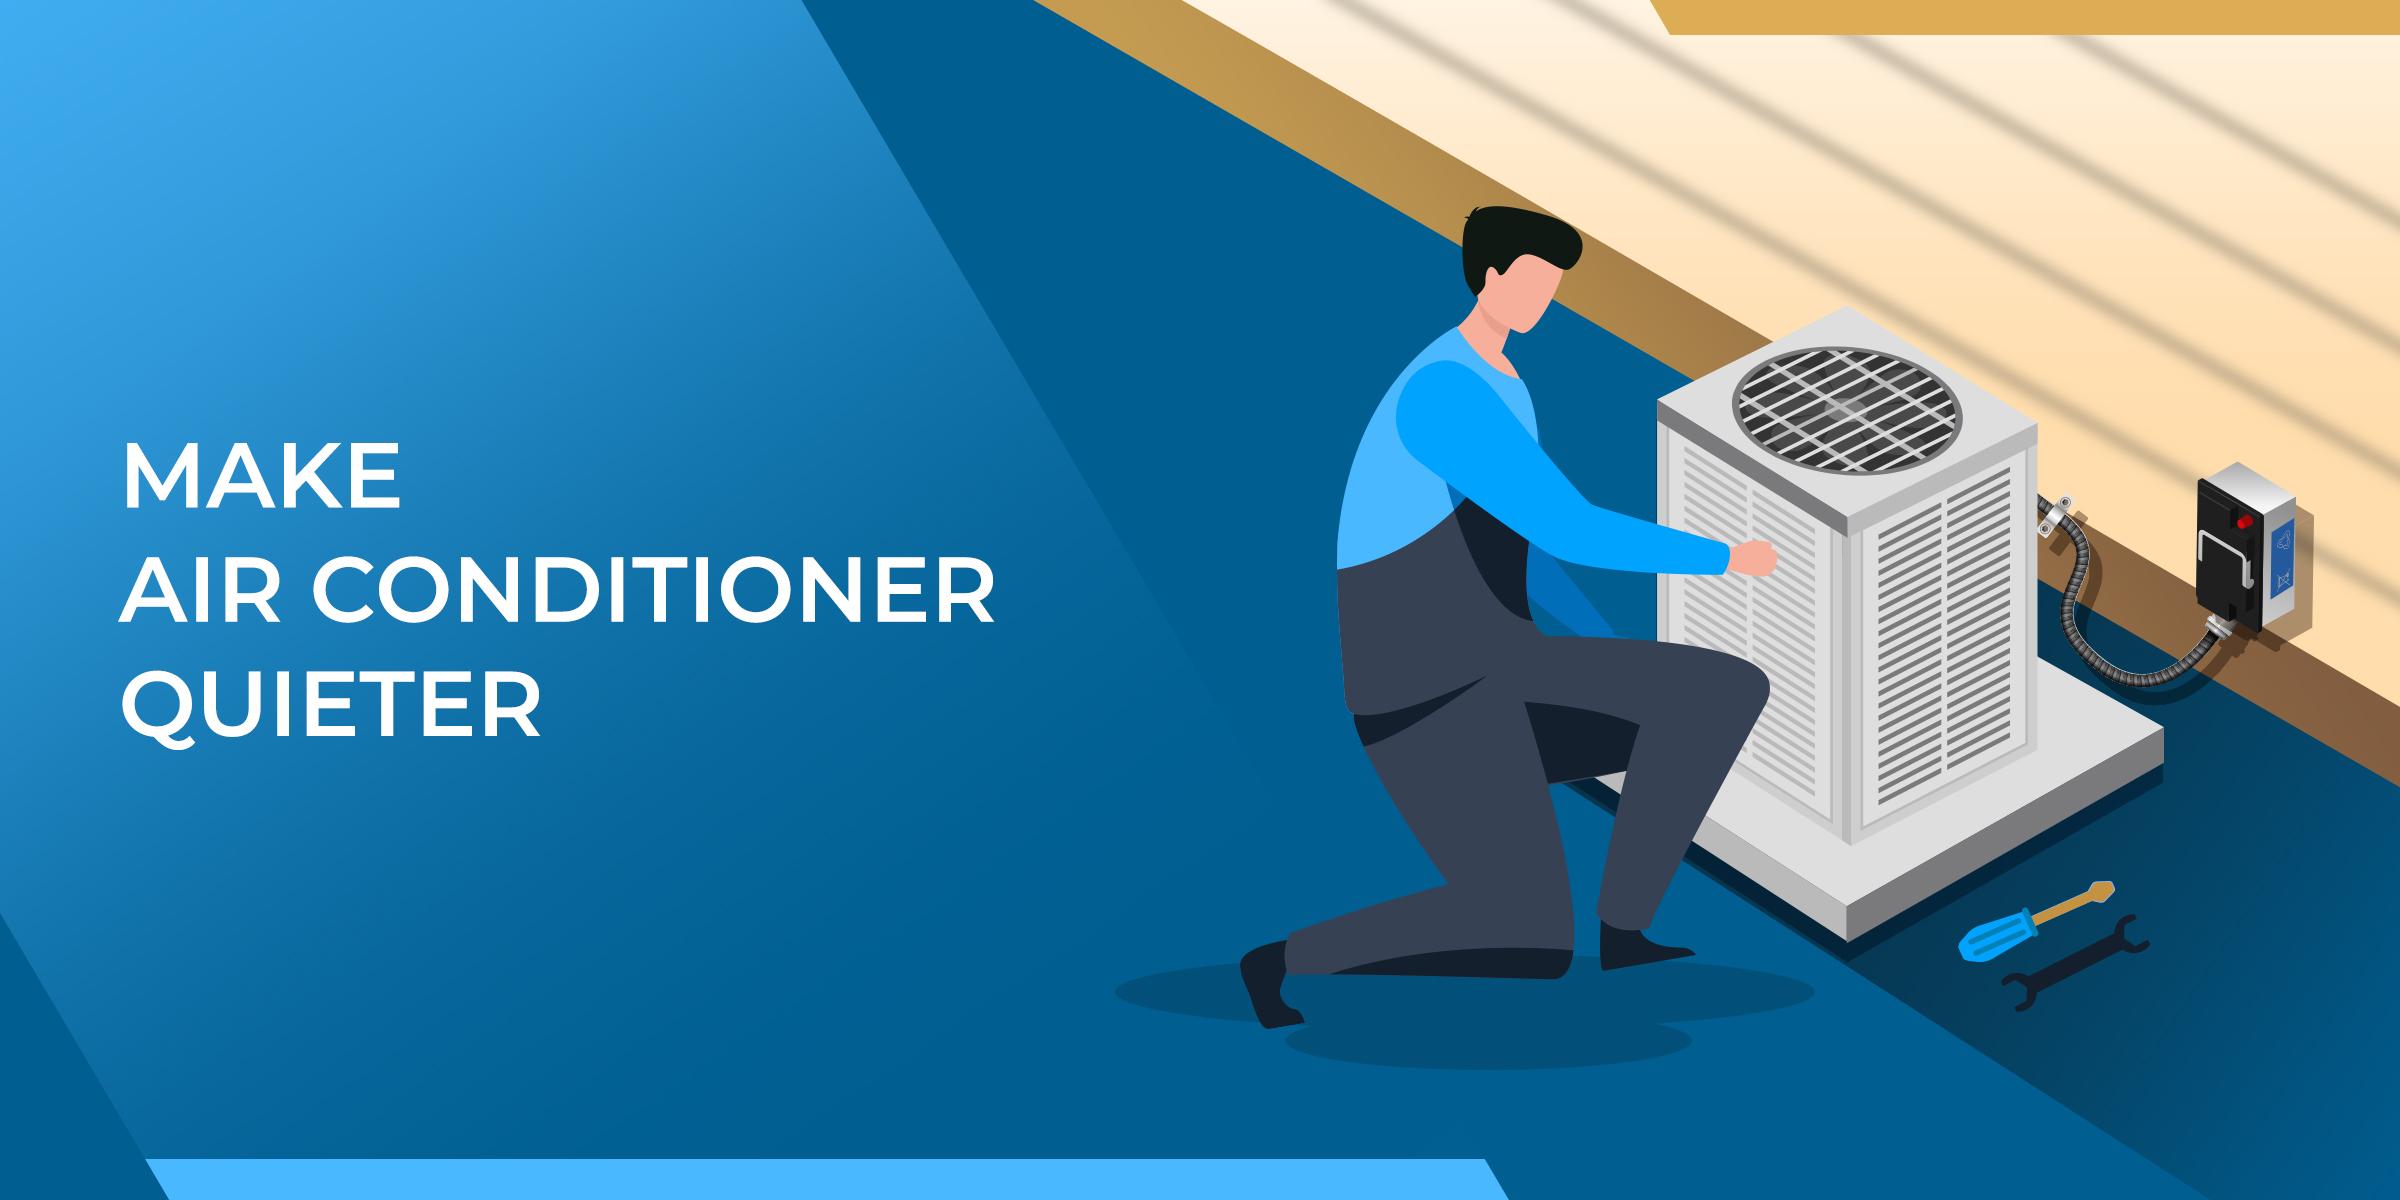 Make Air Conditioner Quieter